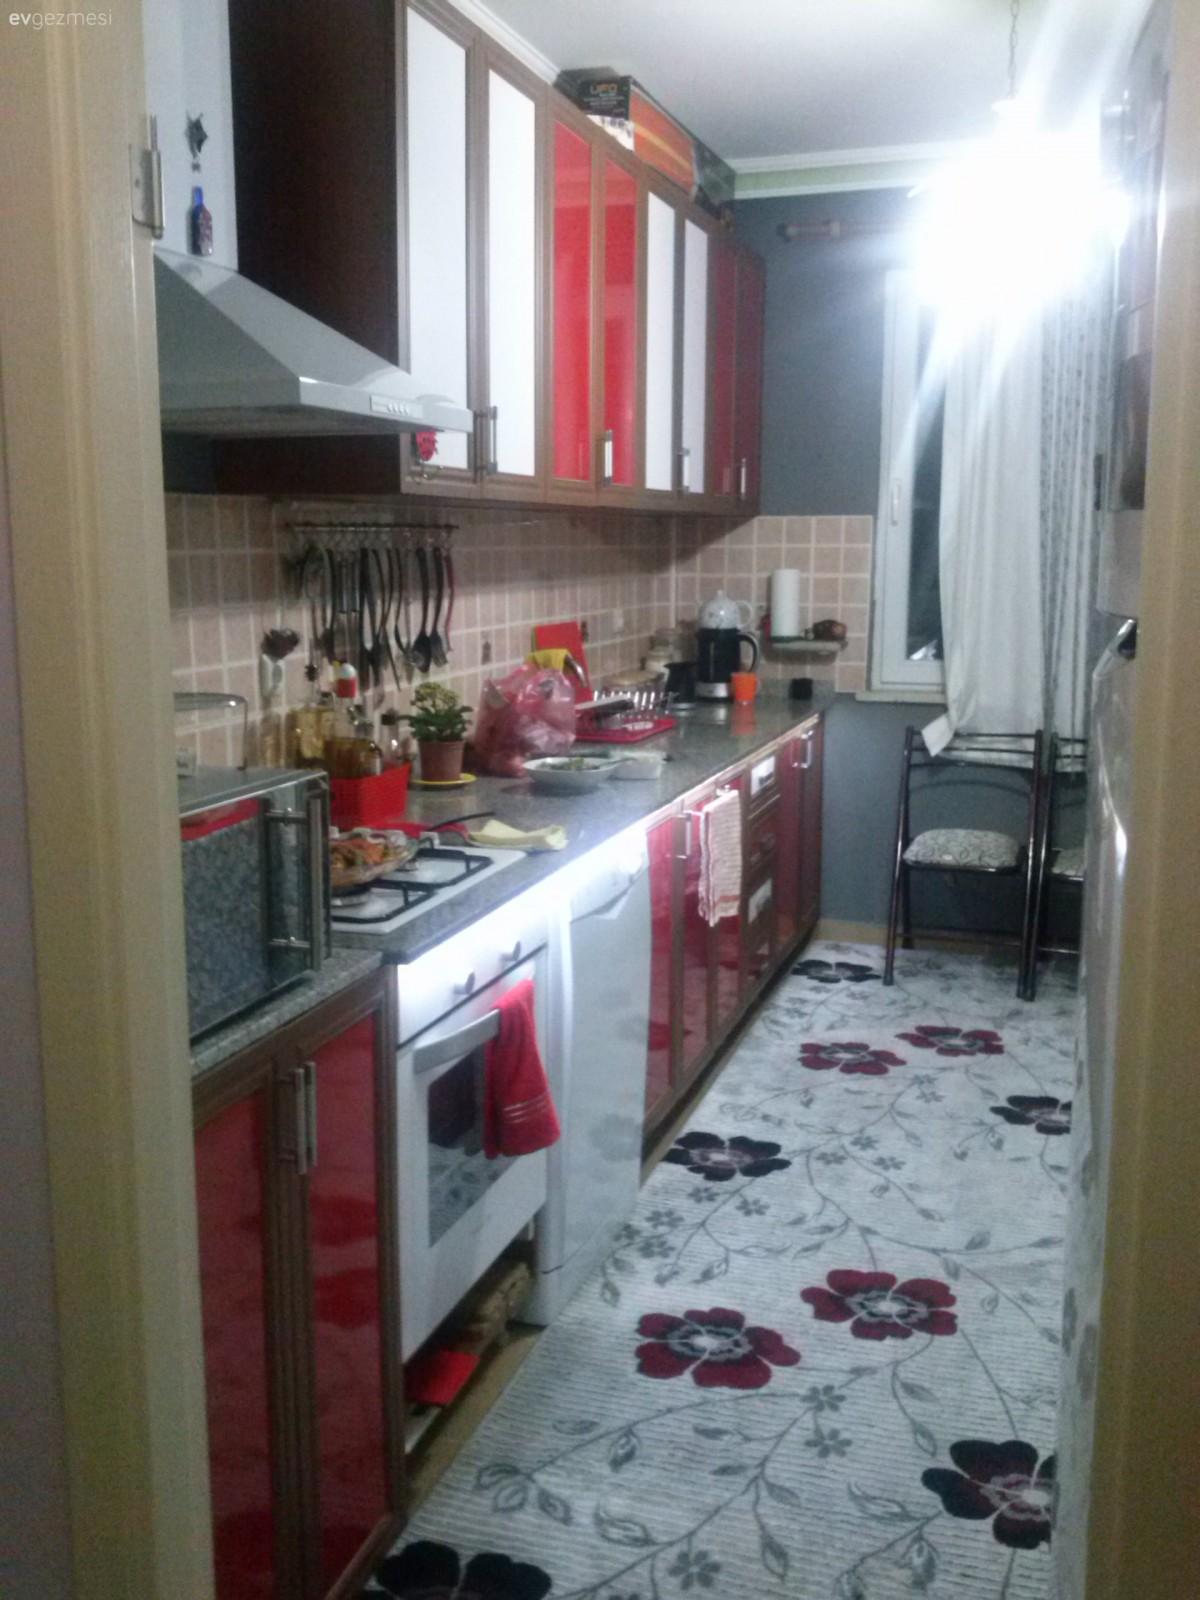 Düşük maliyetle mutfak yenileme yolları